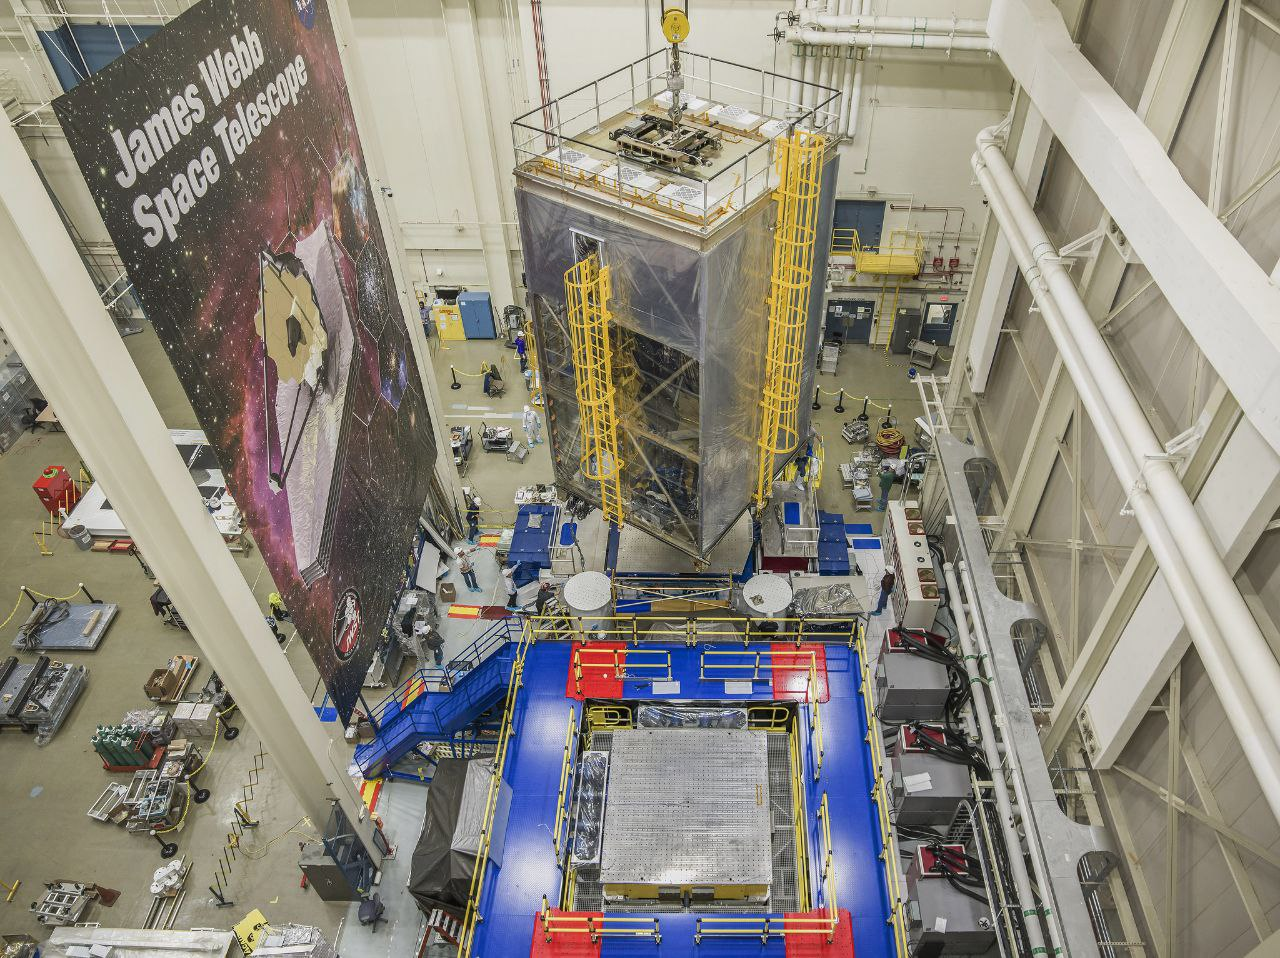 In questa foto, i tecnici e gli ingegneri della NASA stanno eseguendo i test acustici e vibrazionali sul telescopio spaziale James Webb. Credits: NASA/Chris Gunn